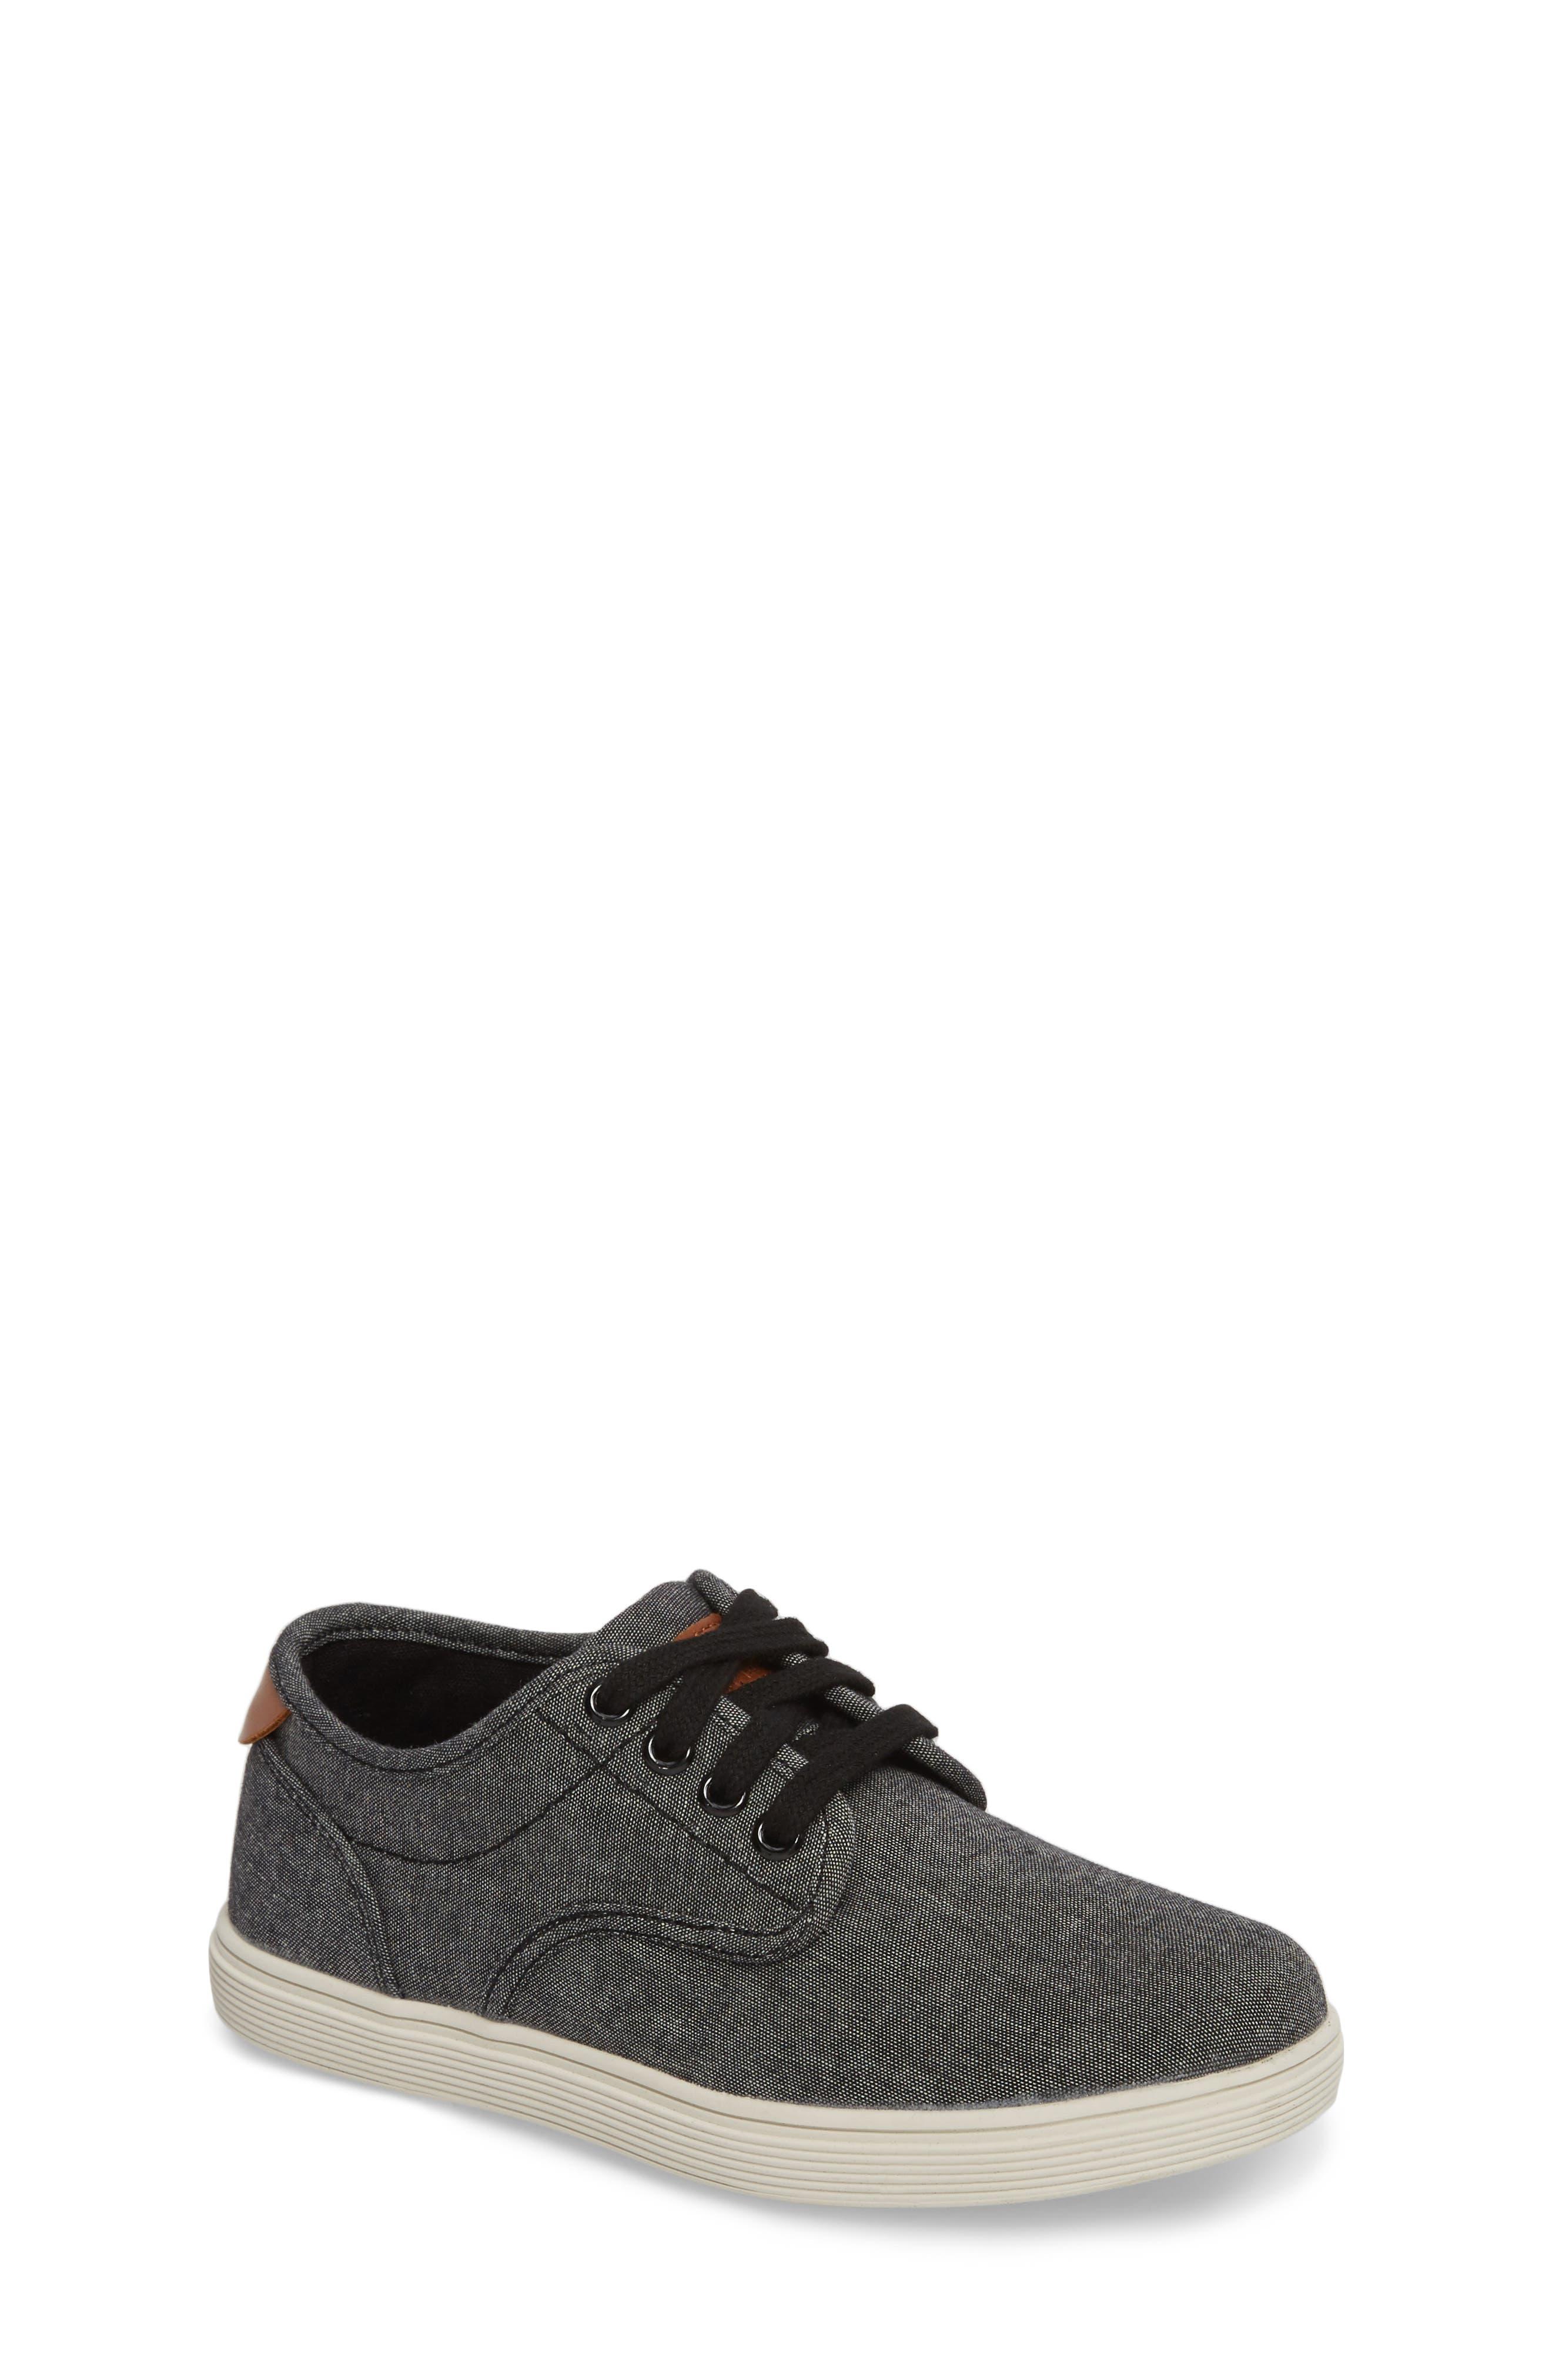 Bfenta Sneaker,                         Main,                         color,